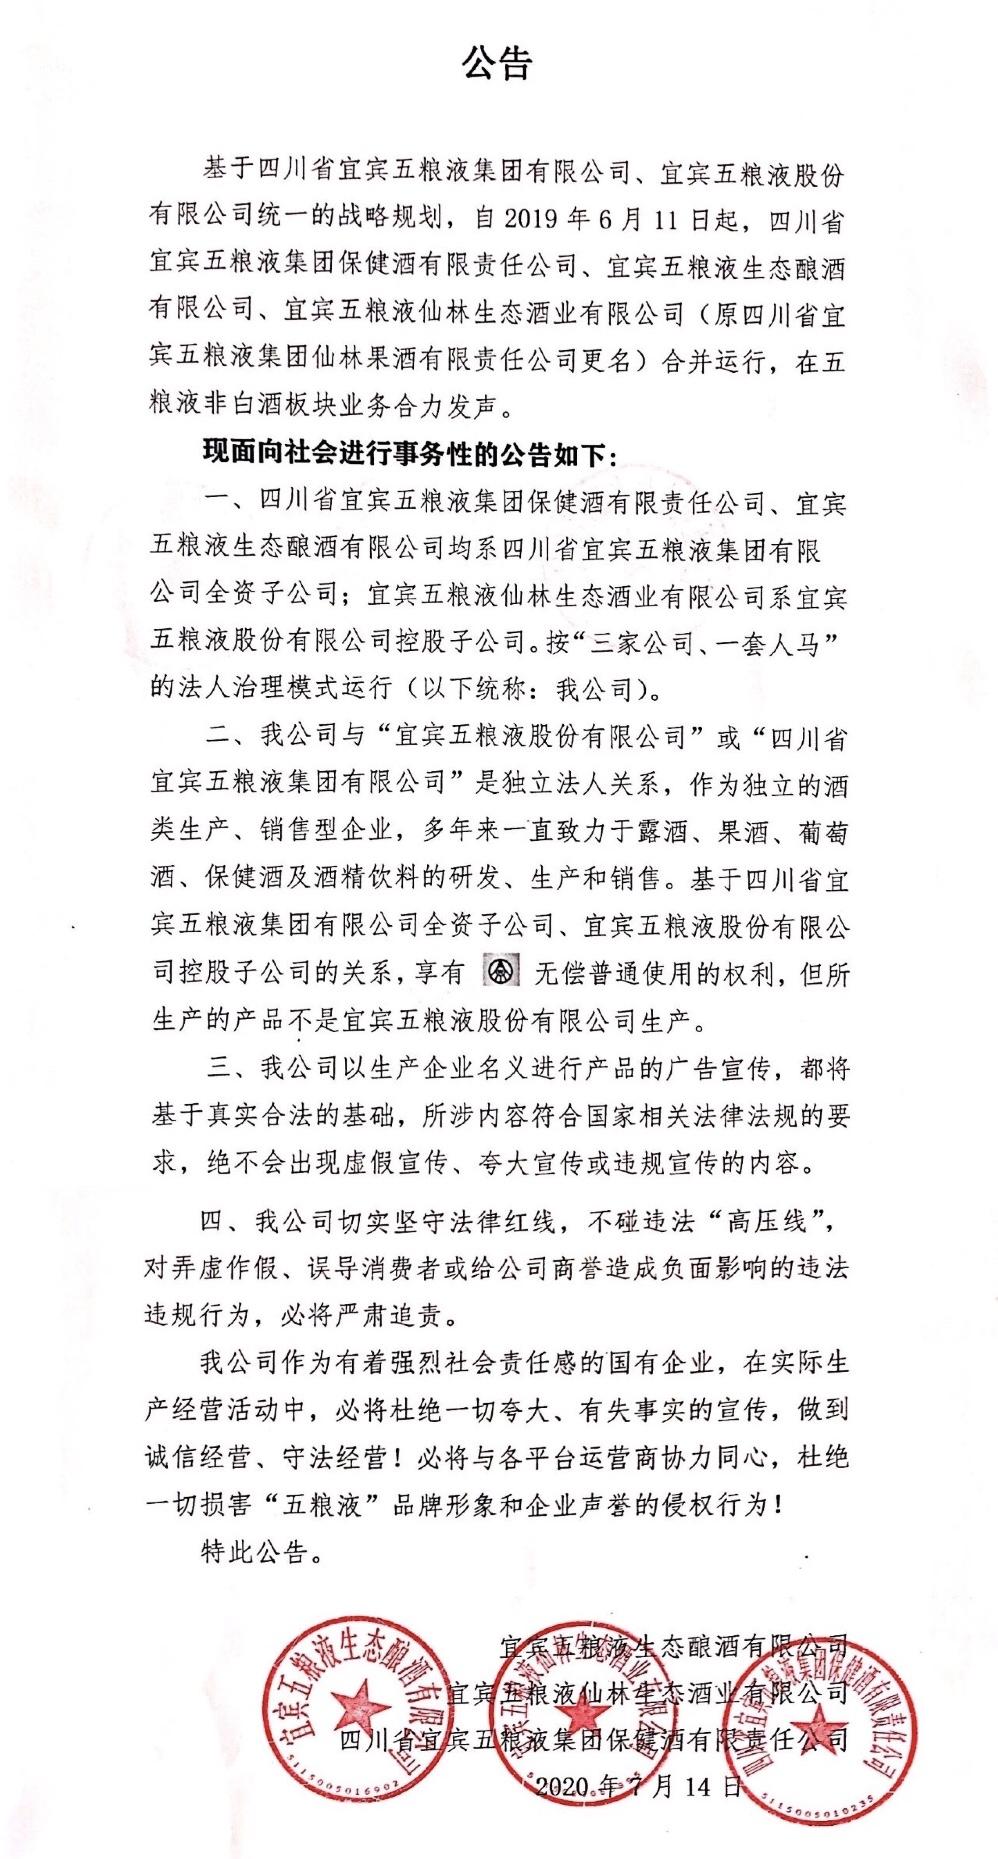 「杏悦」三家公司合杏悦并运行五粮液加速资源整合图片